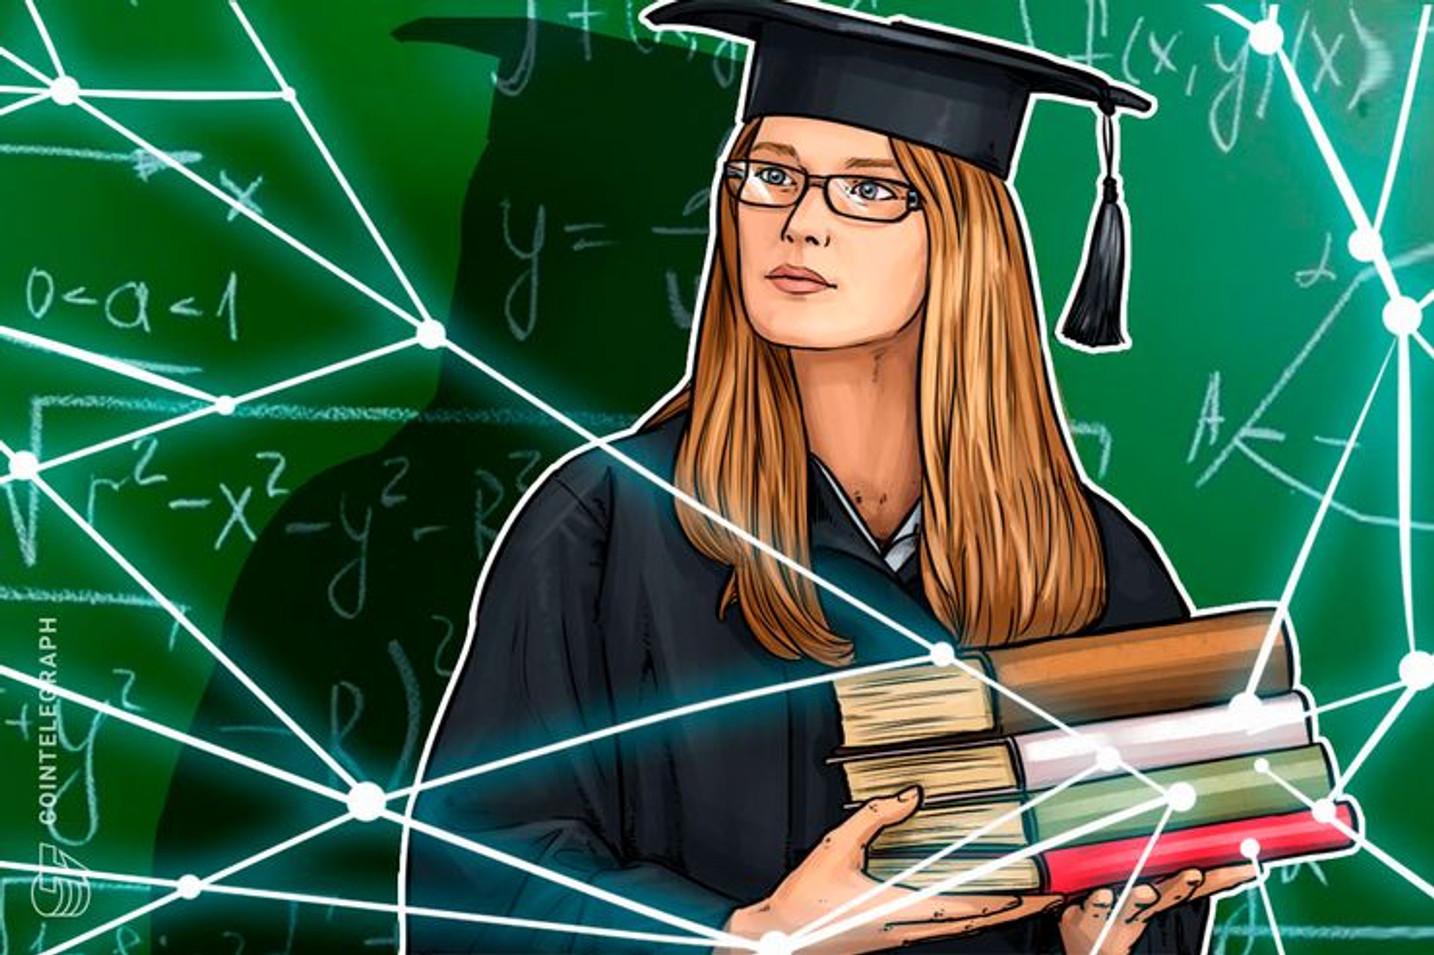 La Región de Murcia, en España, aplicará blockchain en todas sus universidades para la emisión de títulos